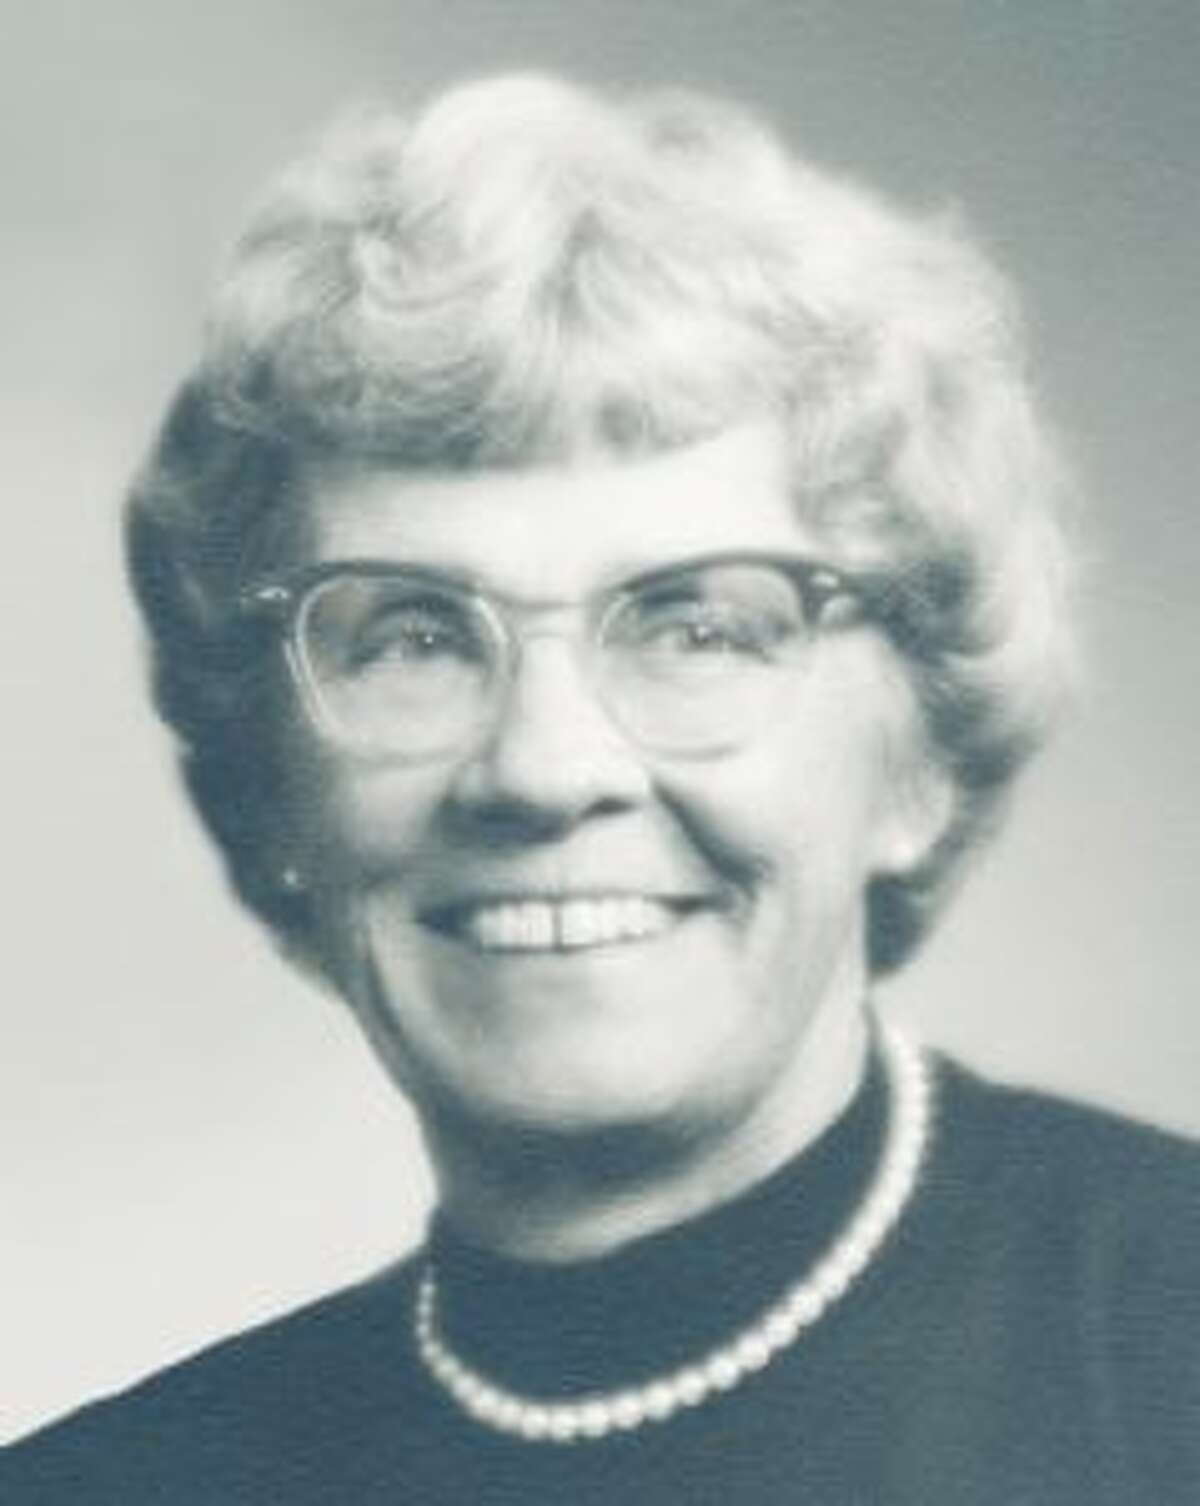 Joan Banfield